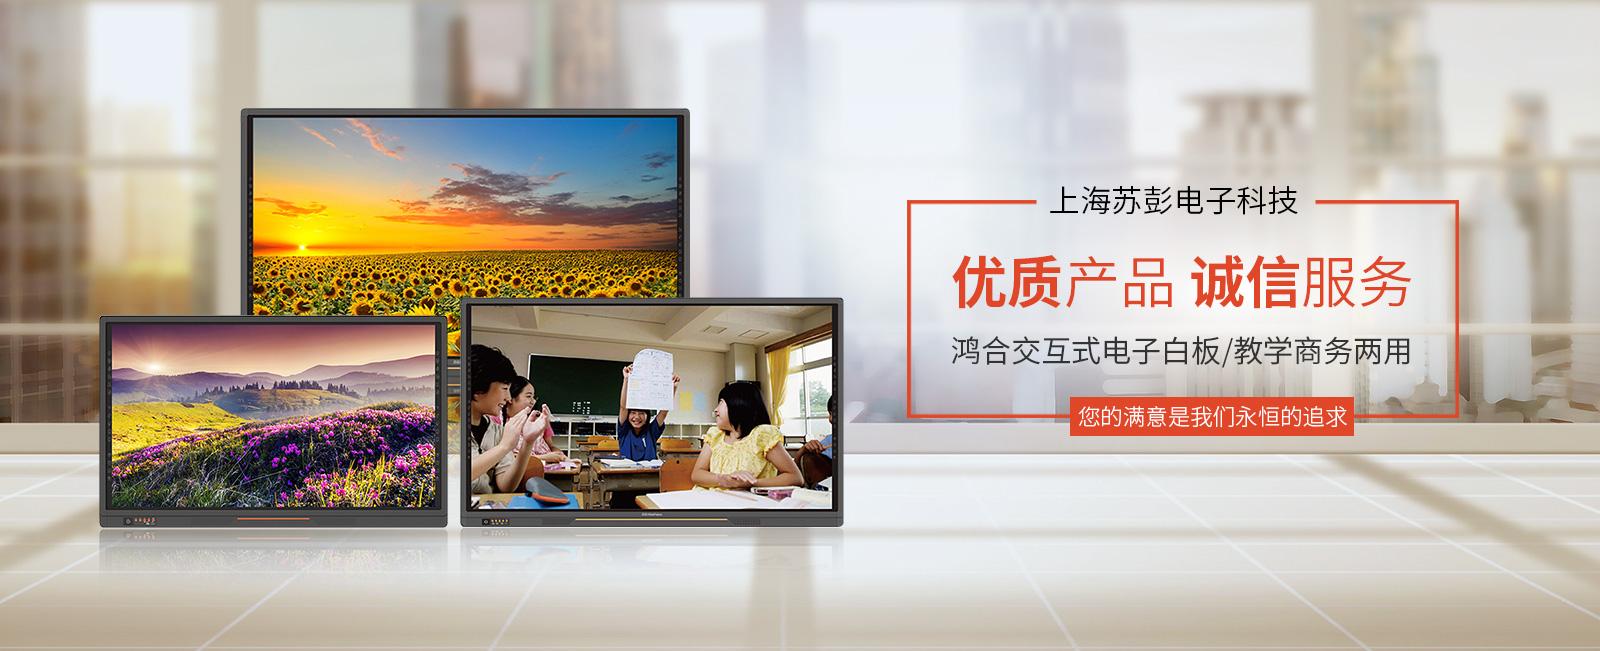 上海投影机报价